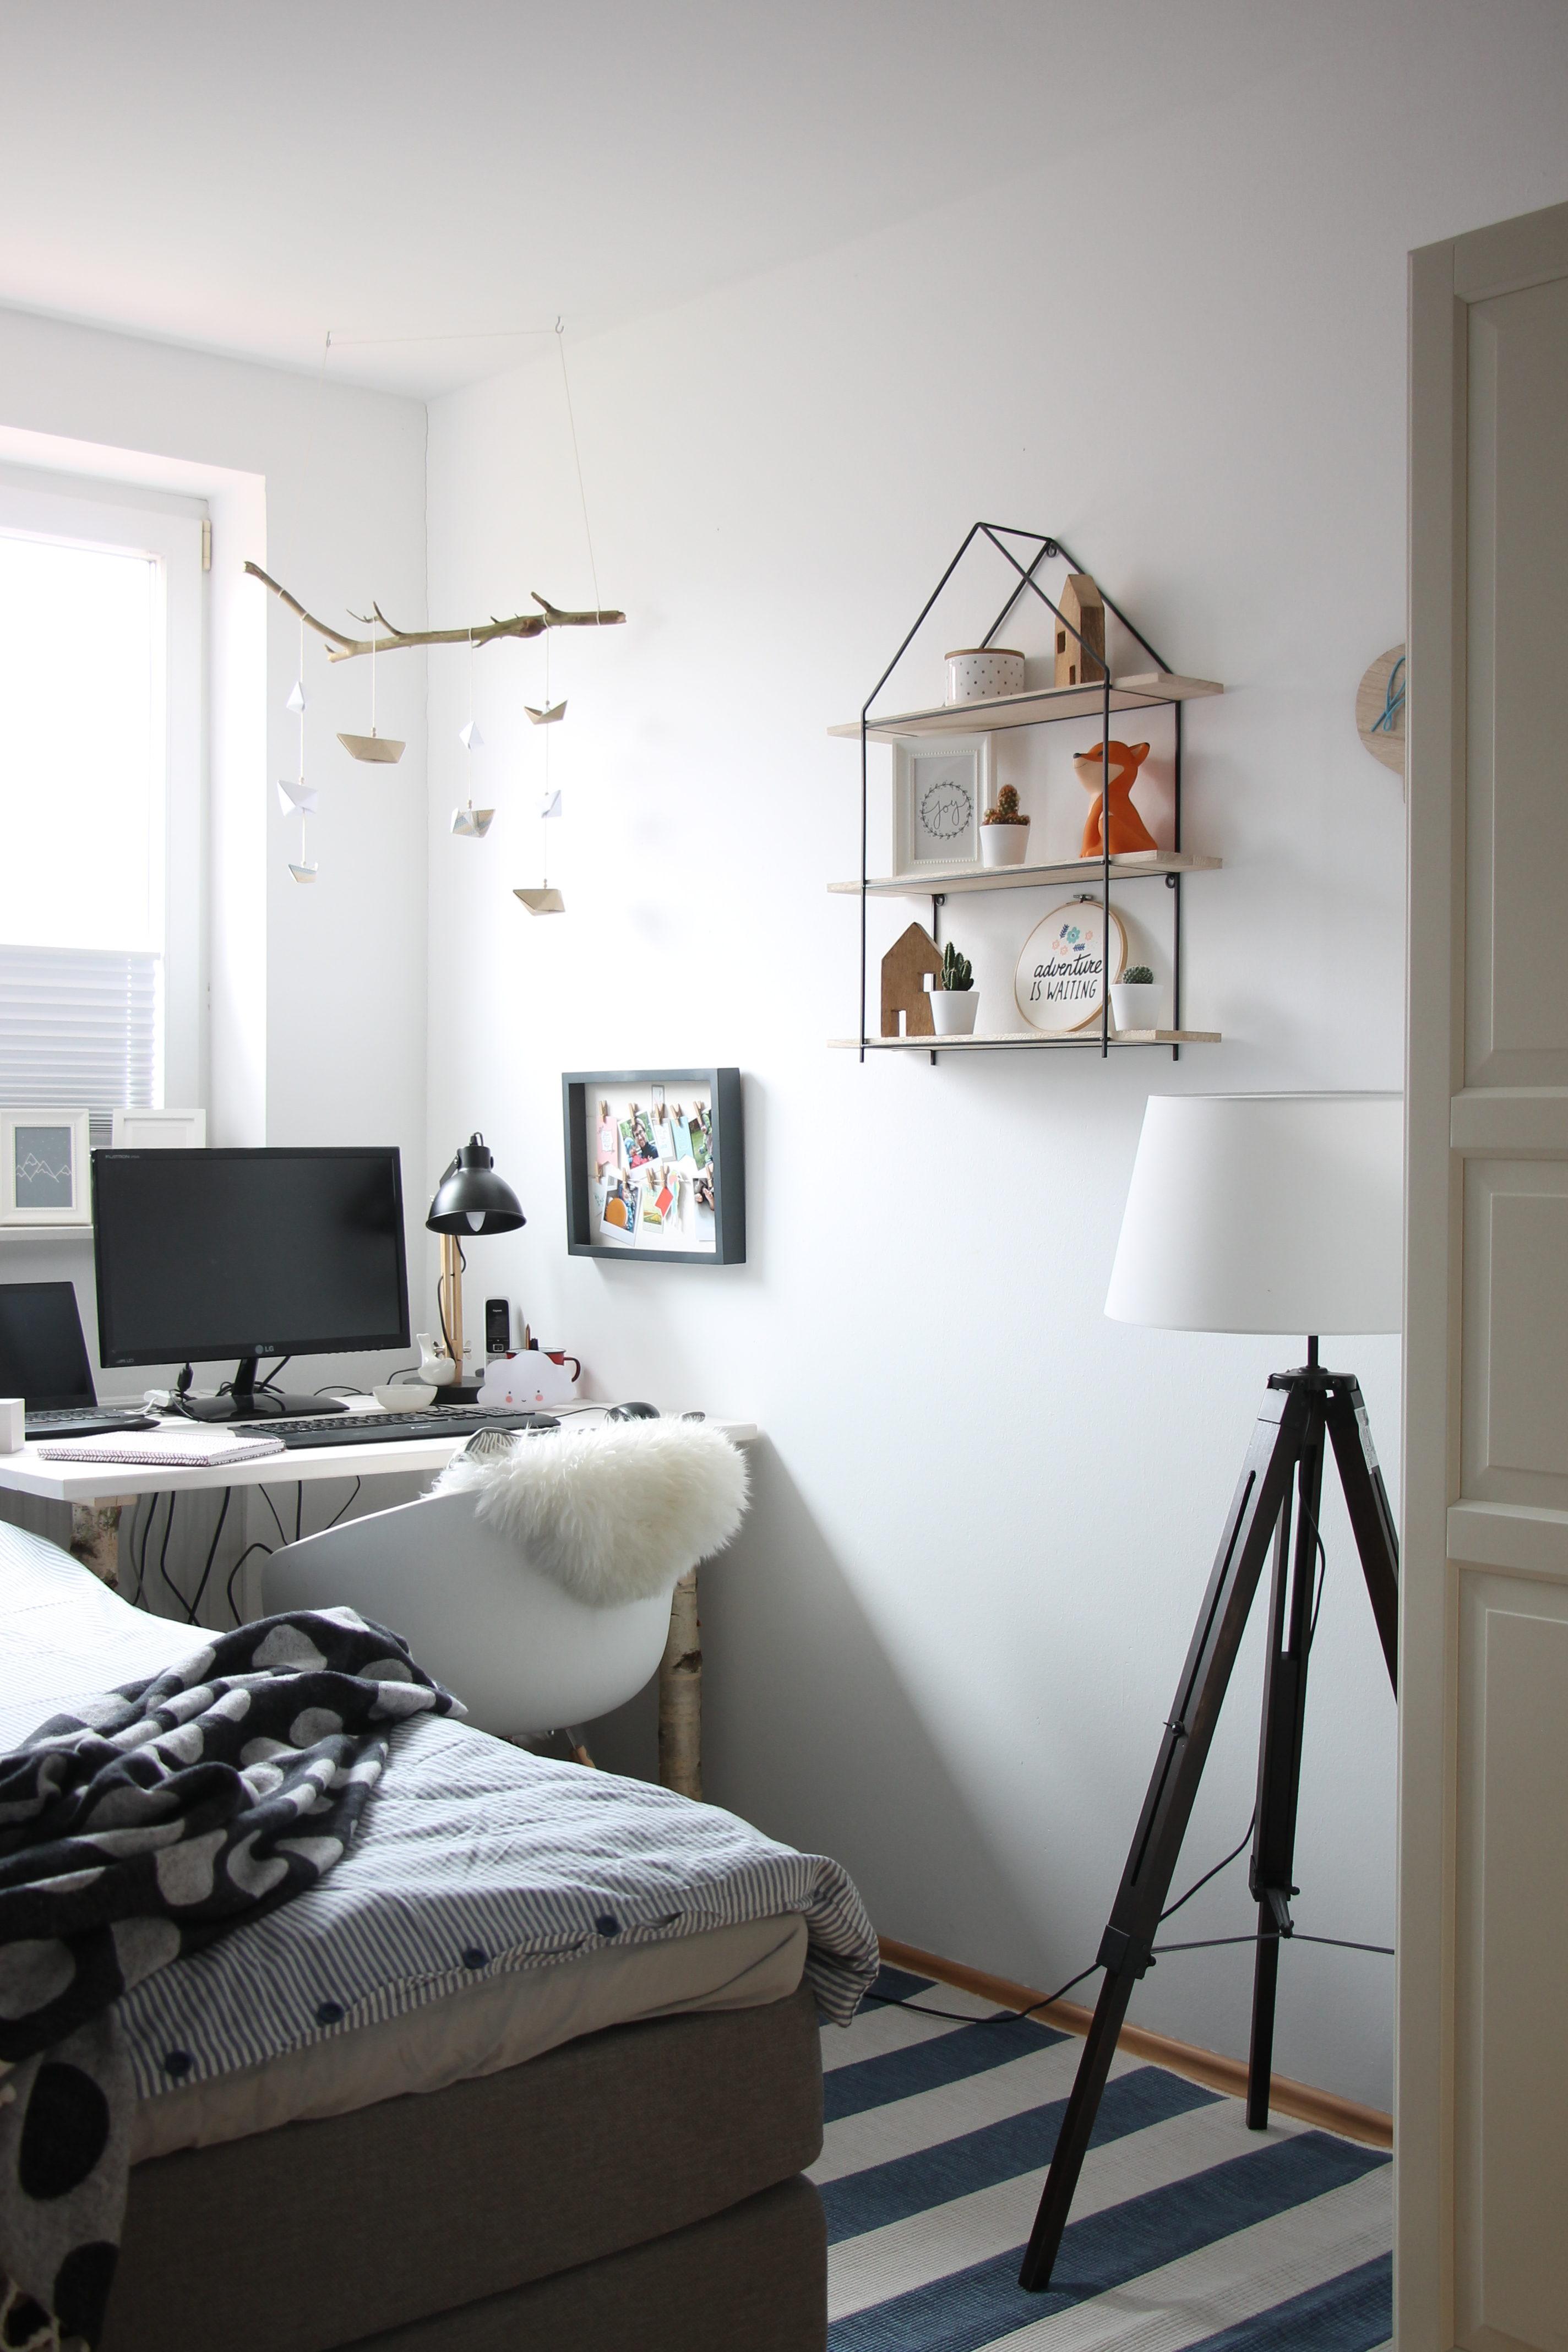 Arbeiten im schlafzimmer ideen otto lavendelblog - Schlafzimmer ideen ...